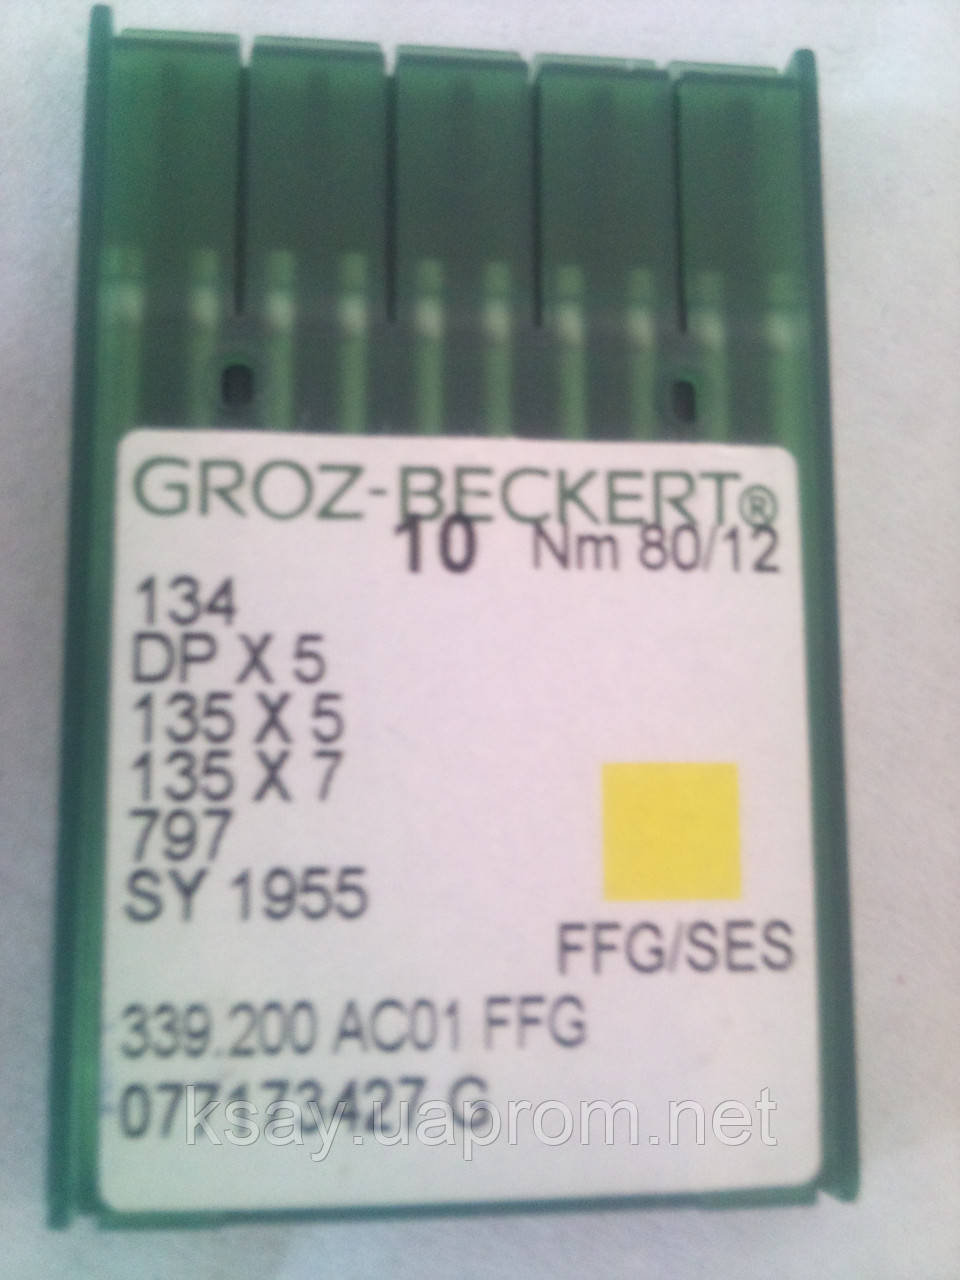 Иглы для промышленных швейных машин DPx5 № 80 FFG/SES  Groz-Beckert (Германия)